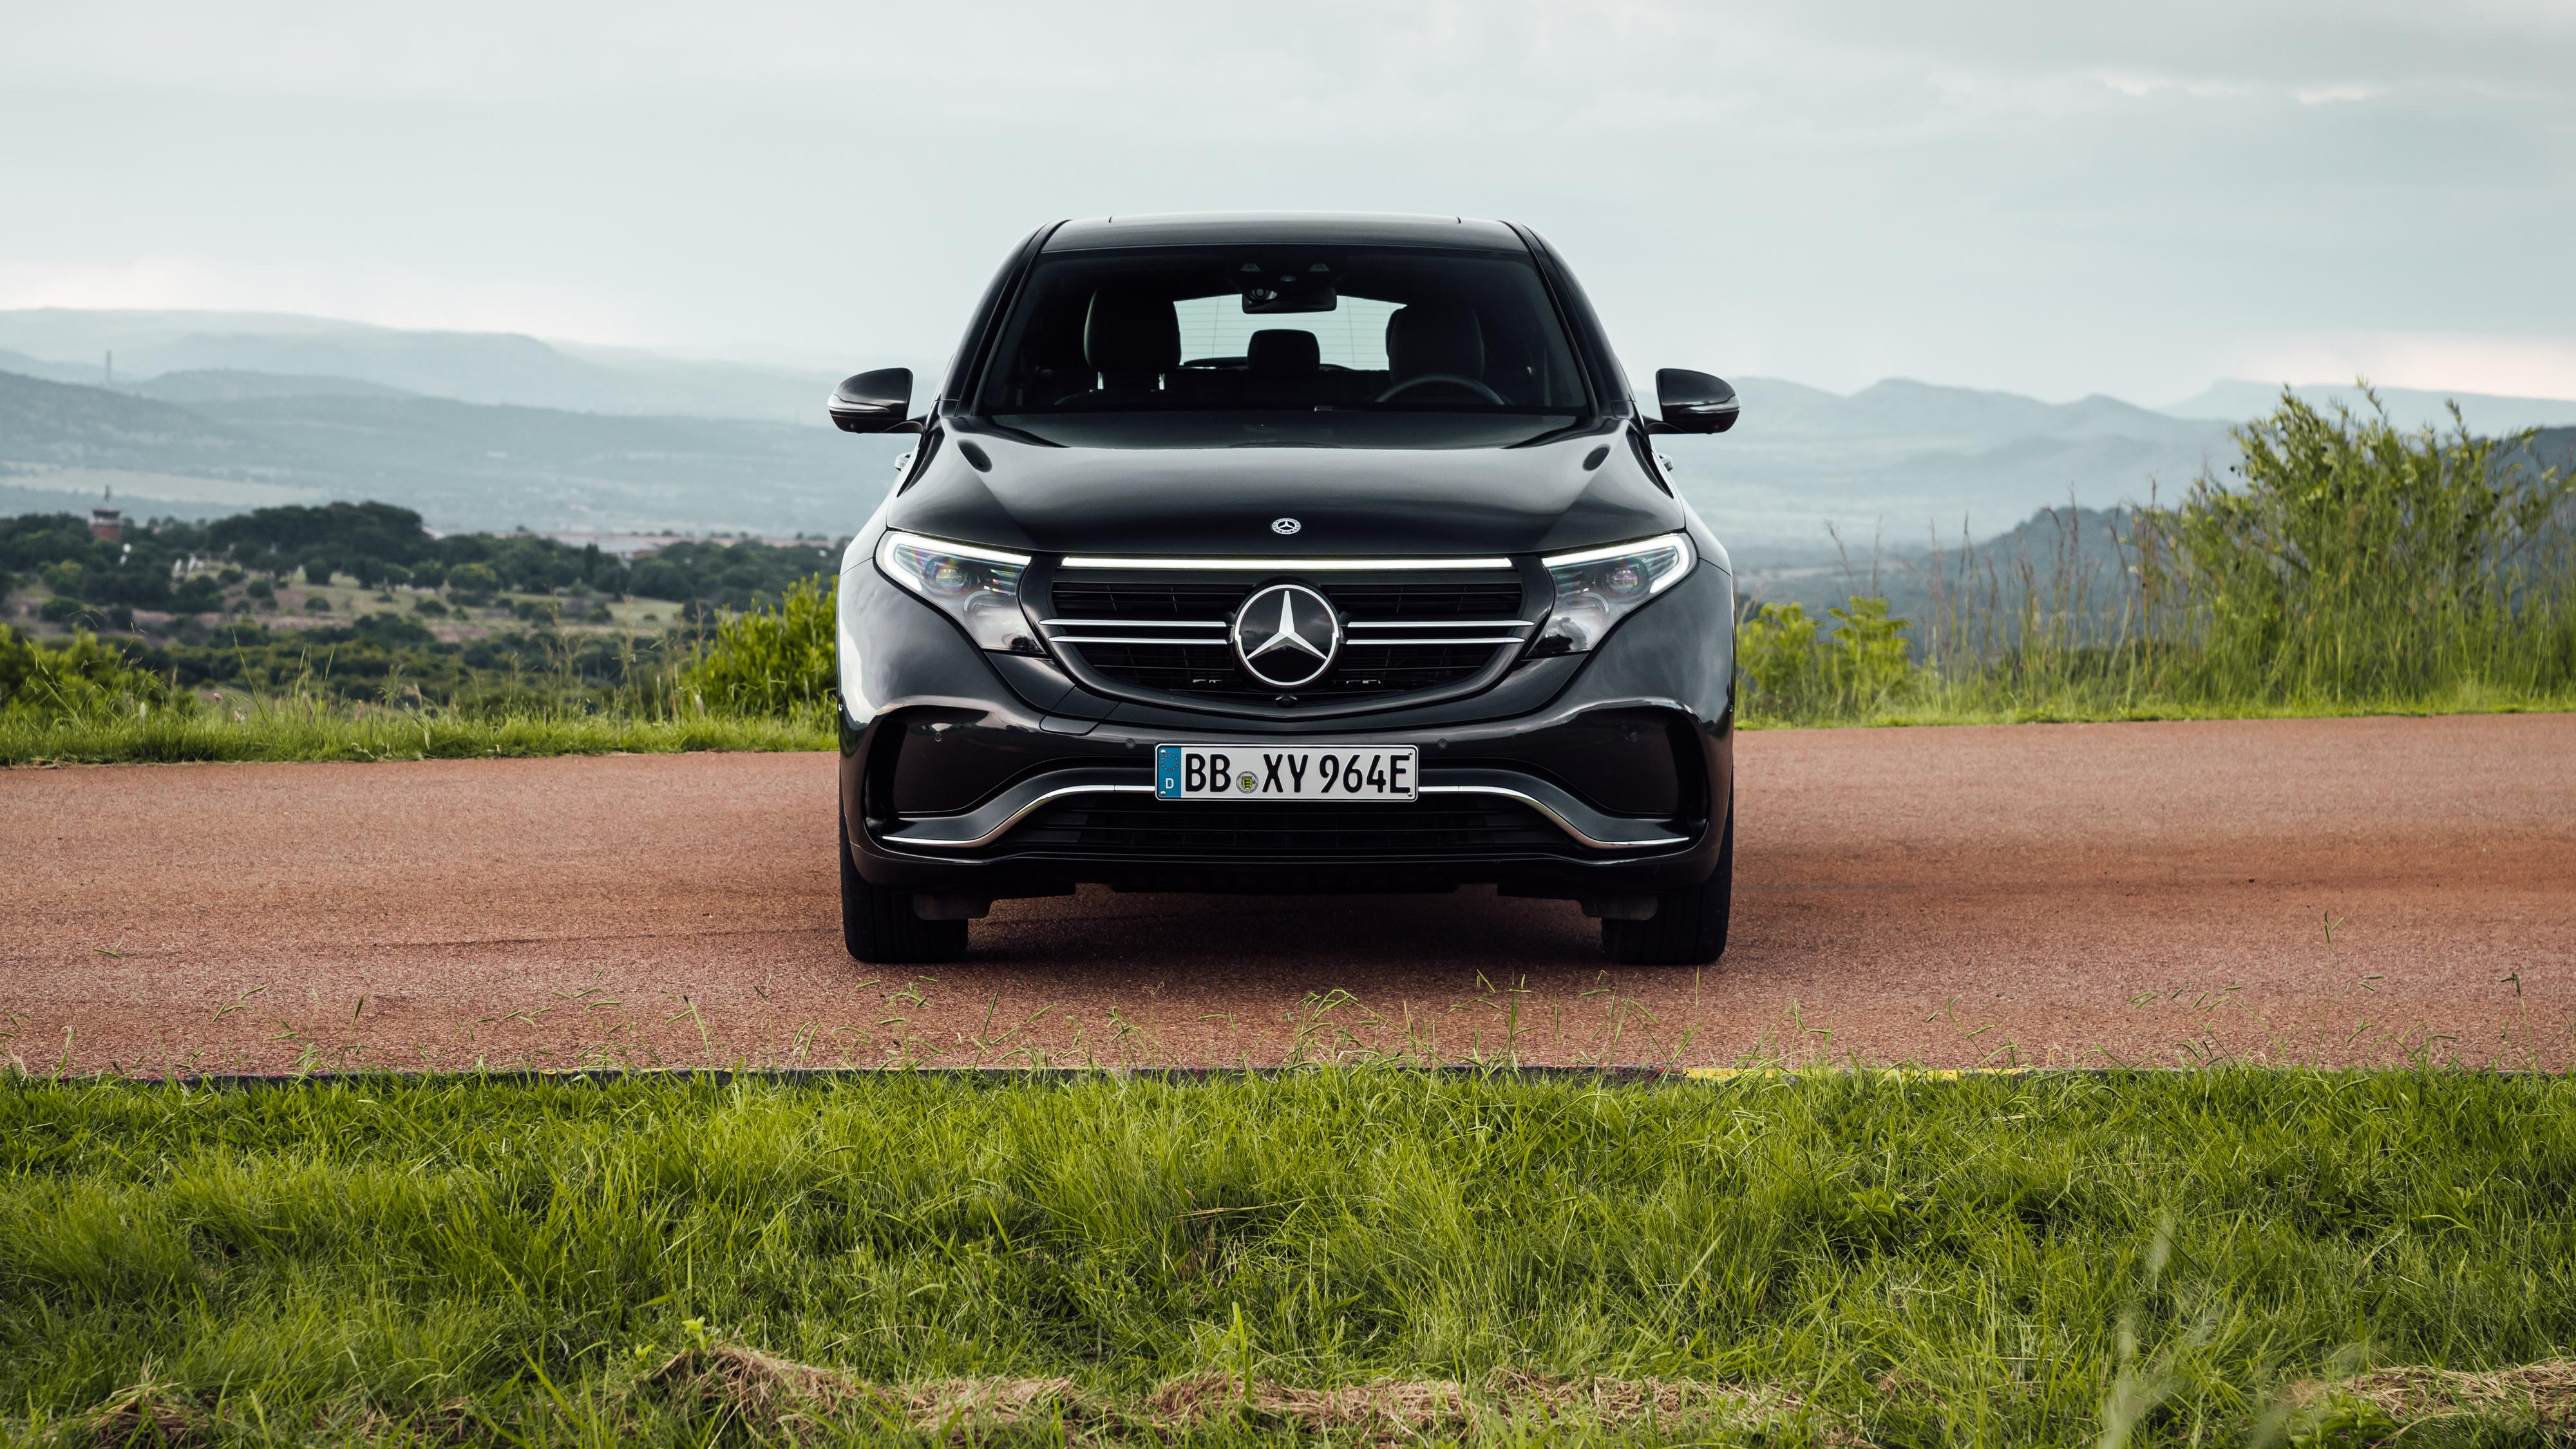 Mercedes Benz EQC 400 4MATIC AMG Line 2019 4K Wallpaper HD Car 4000x2250